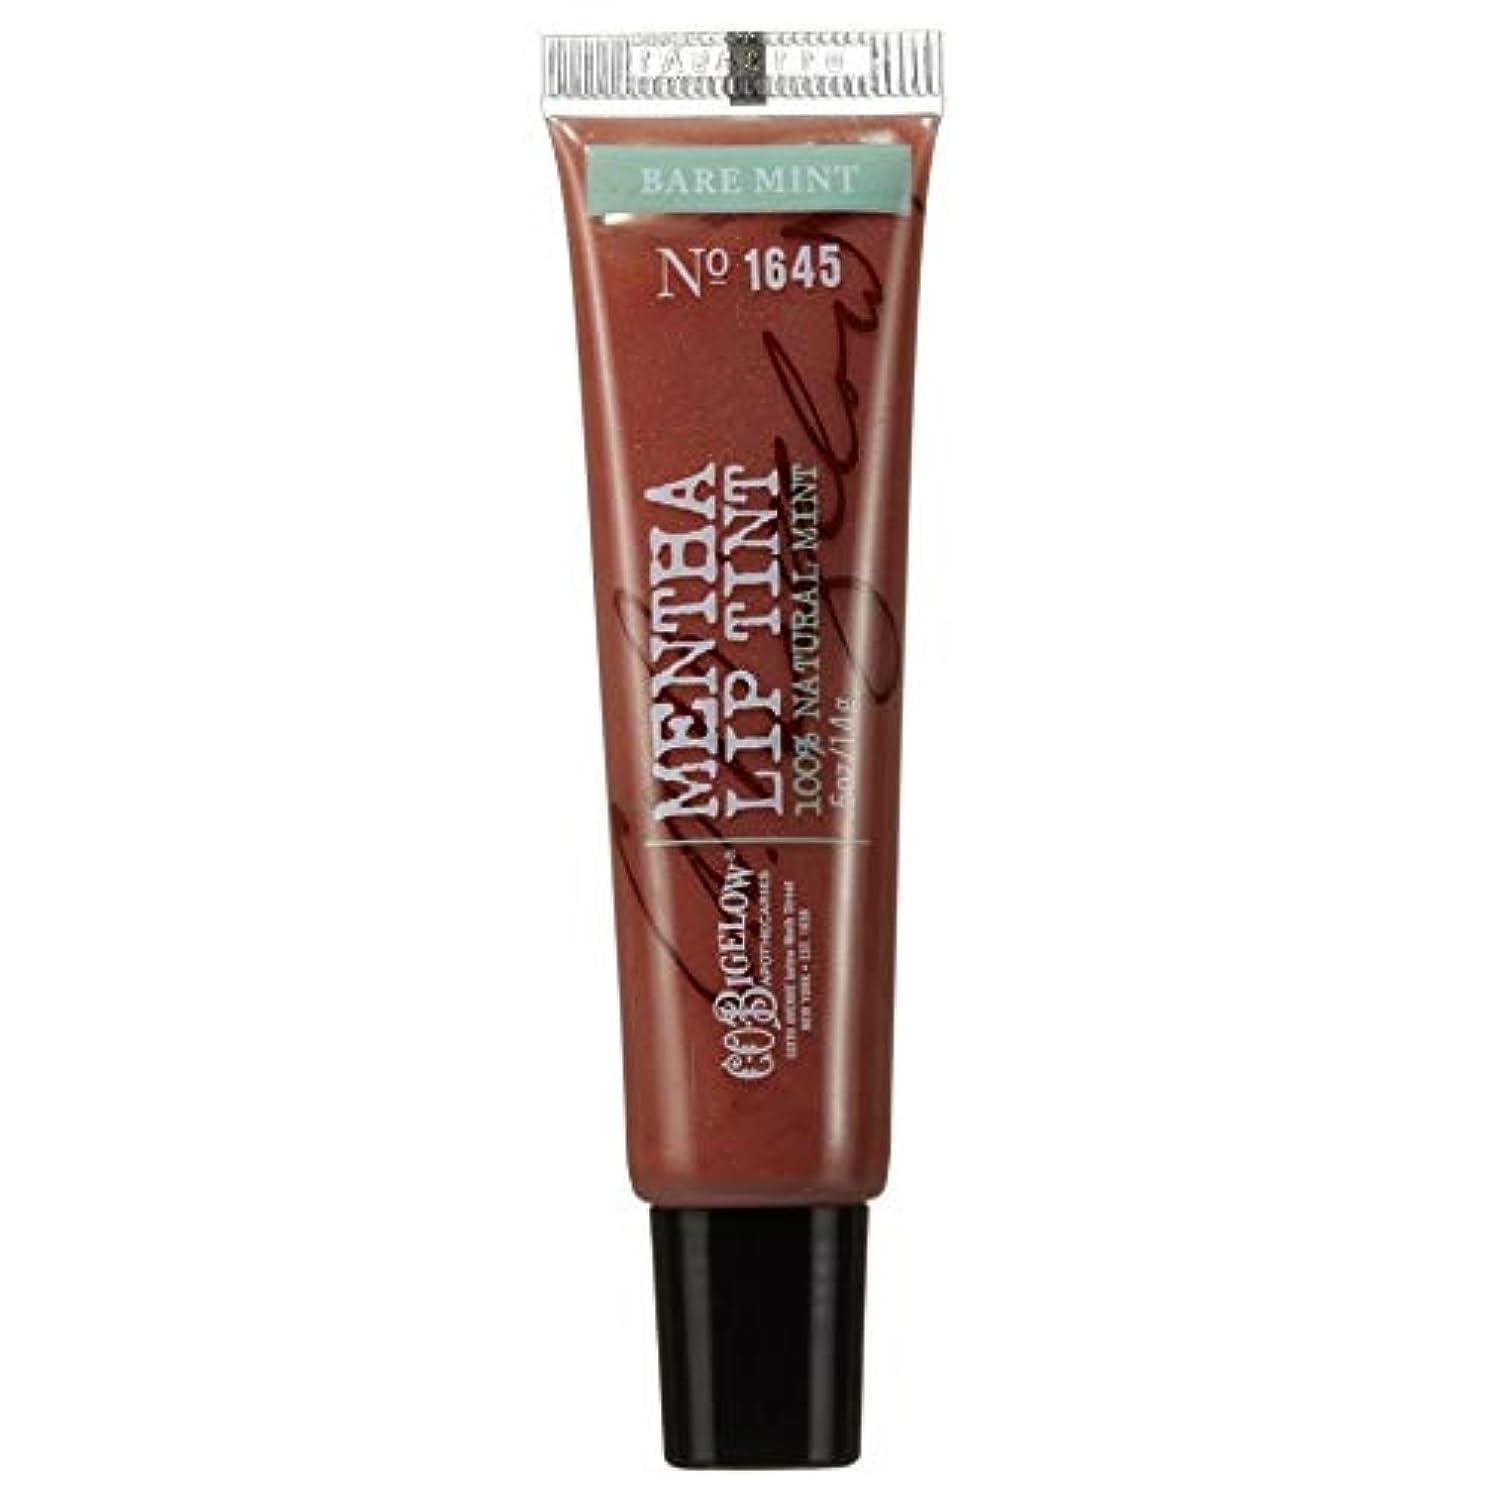 シャワーワックス衣装[C.O. Bigelow] C.O.ビゲロー裸ミントハッカシマーリップティント - C.O. Bigelow Bare Mint Mentha Shimmer Lip Tint [並行輸入品]